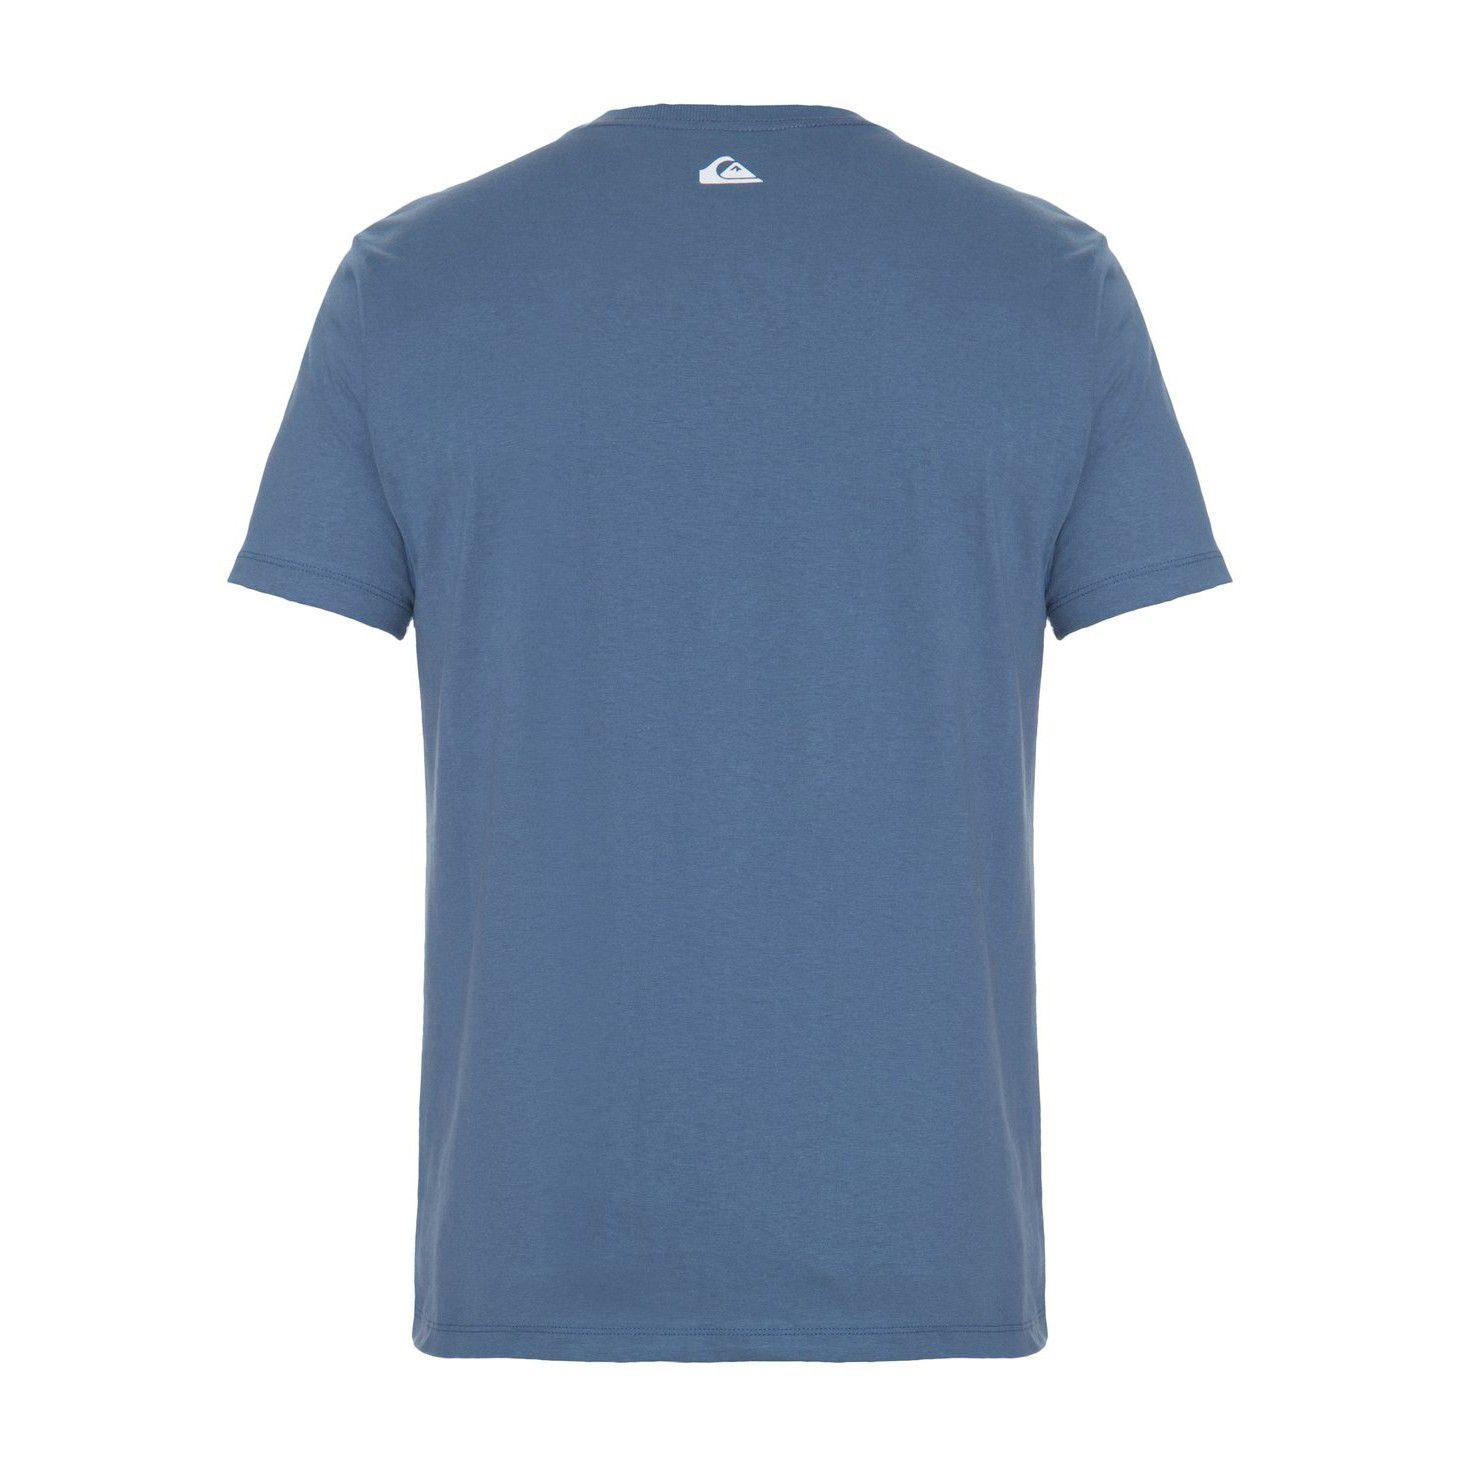 Camiseta Quiksilver Slim Fit Meridian